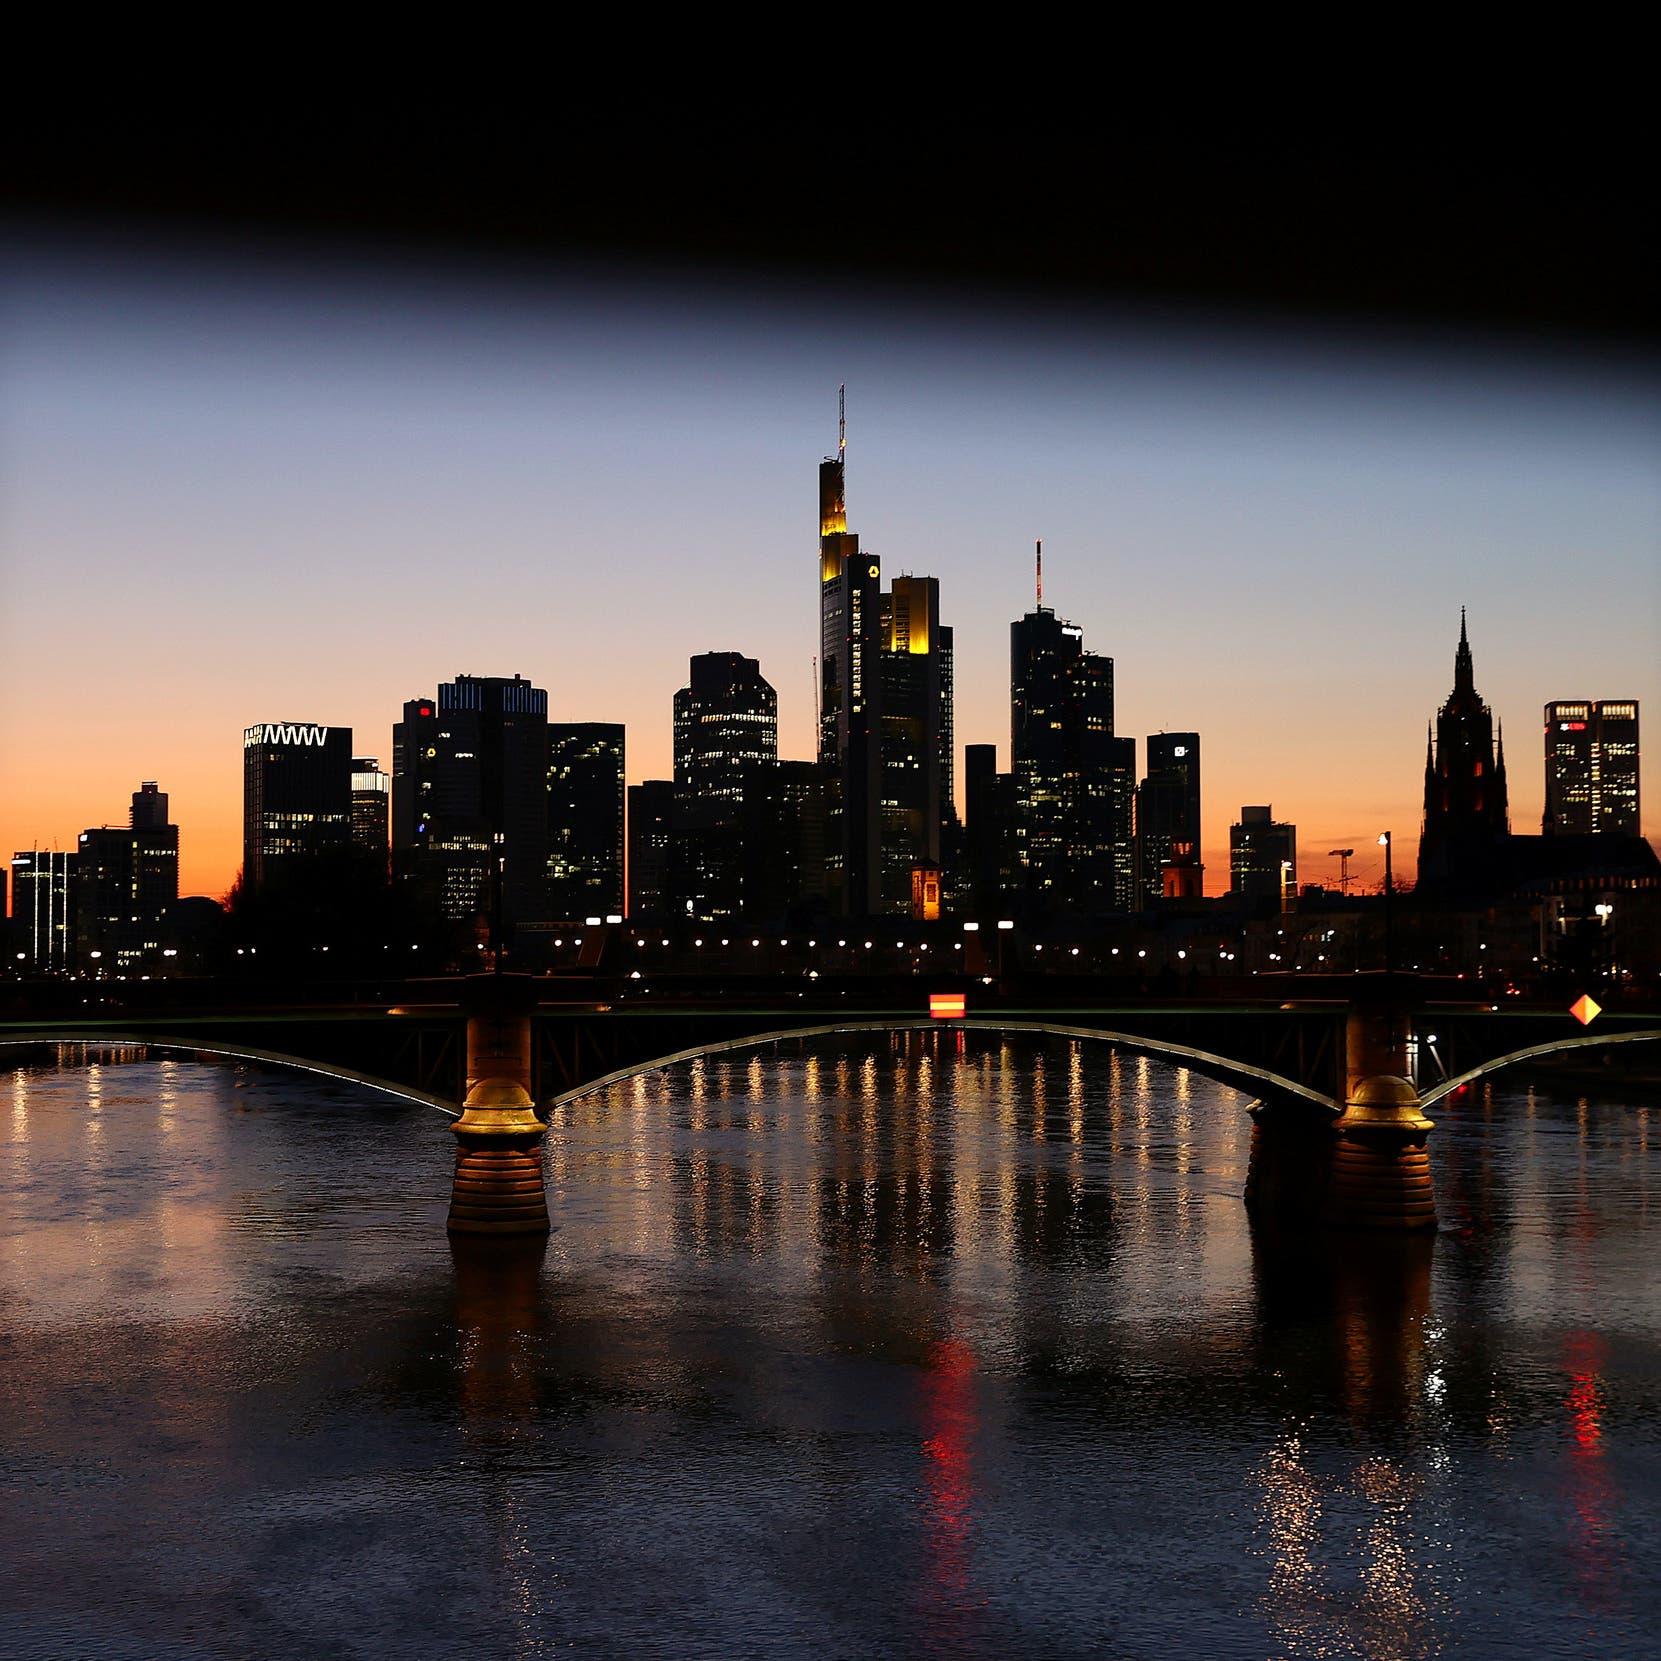 فرانكفورت قد تخسر آلاف الوظائف بالقطاع المصرفي بسبب كورونا